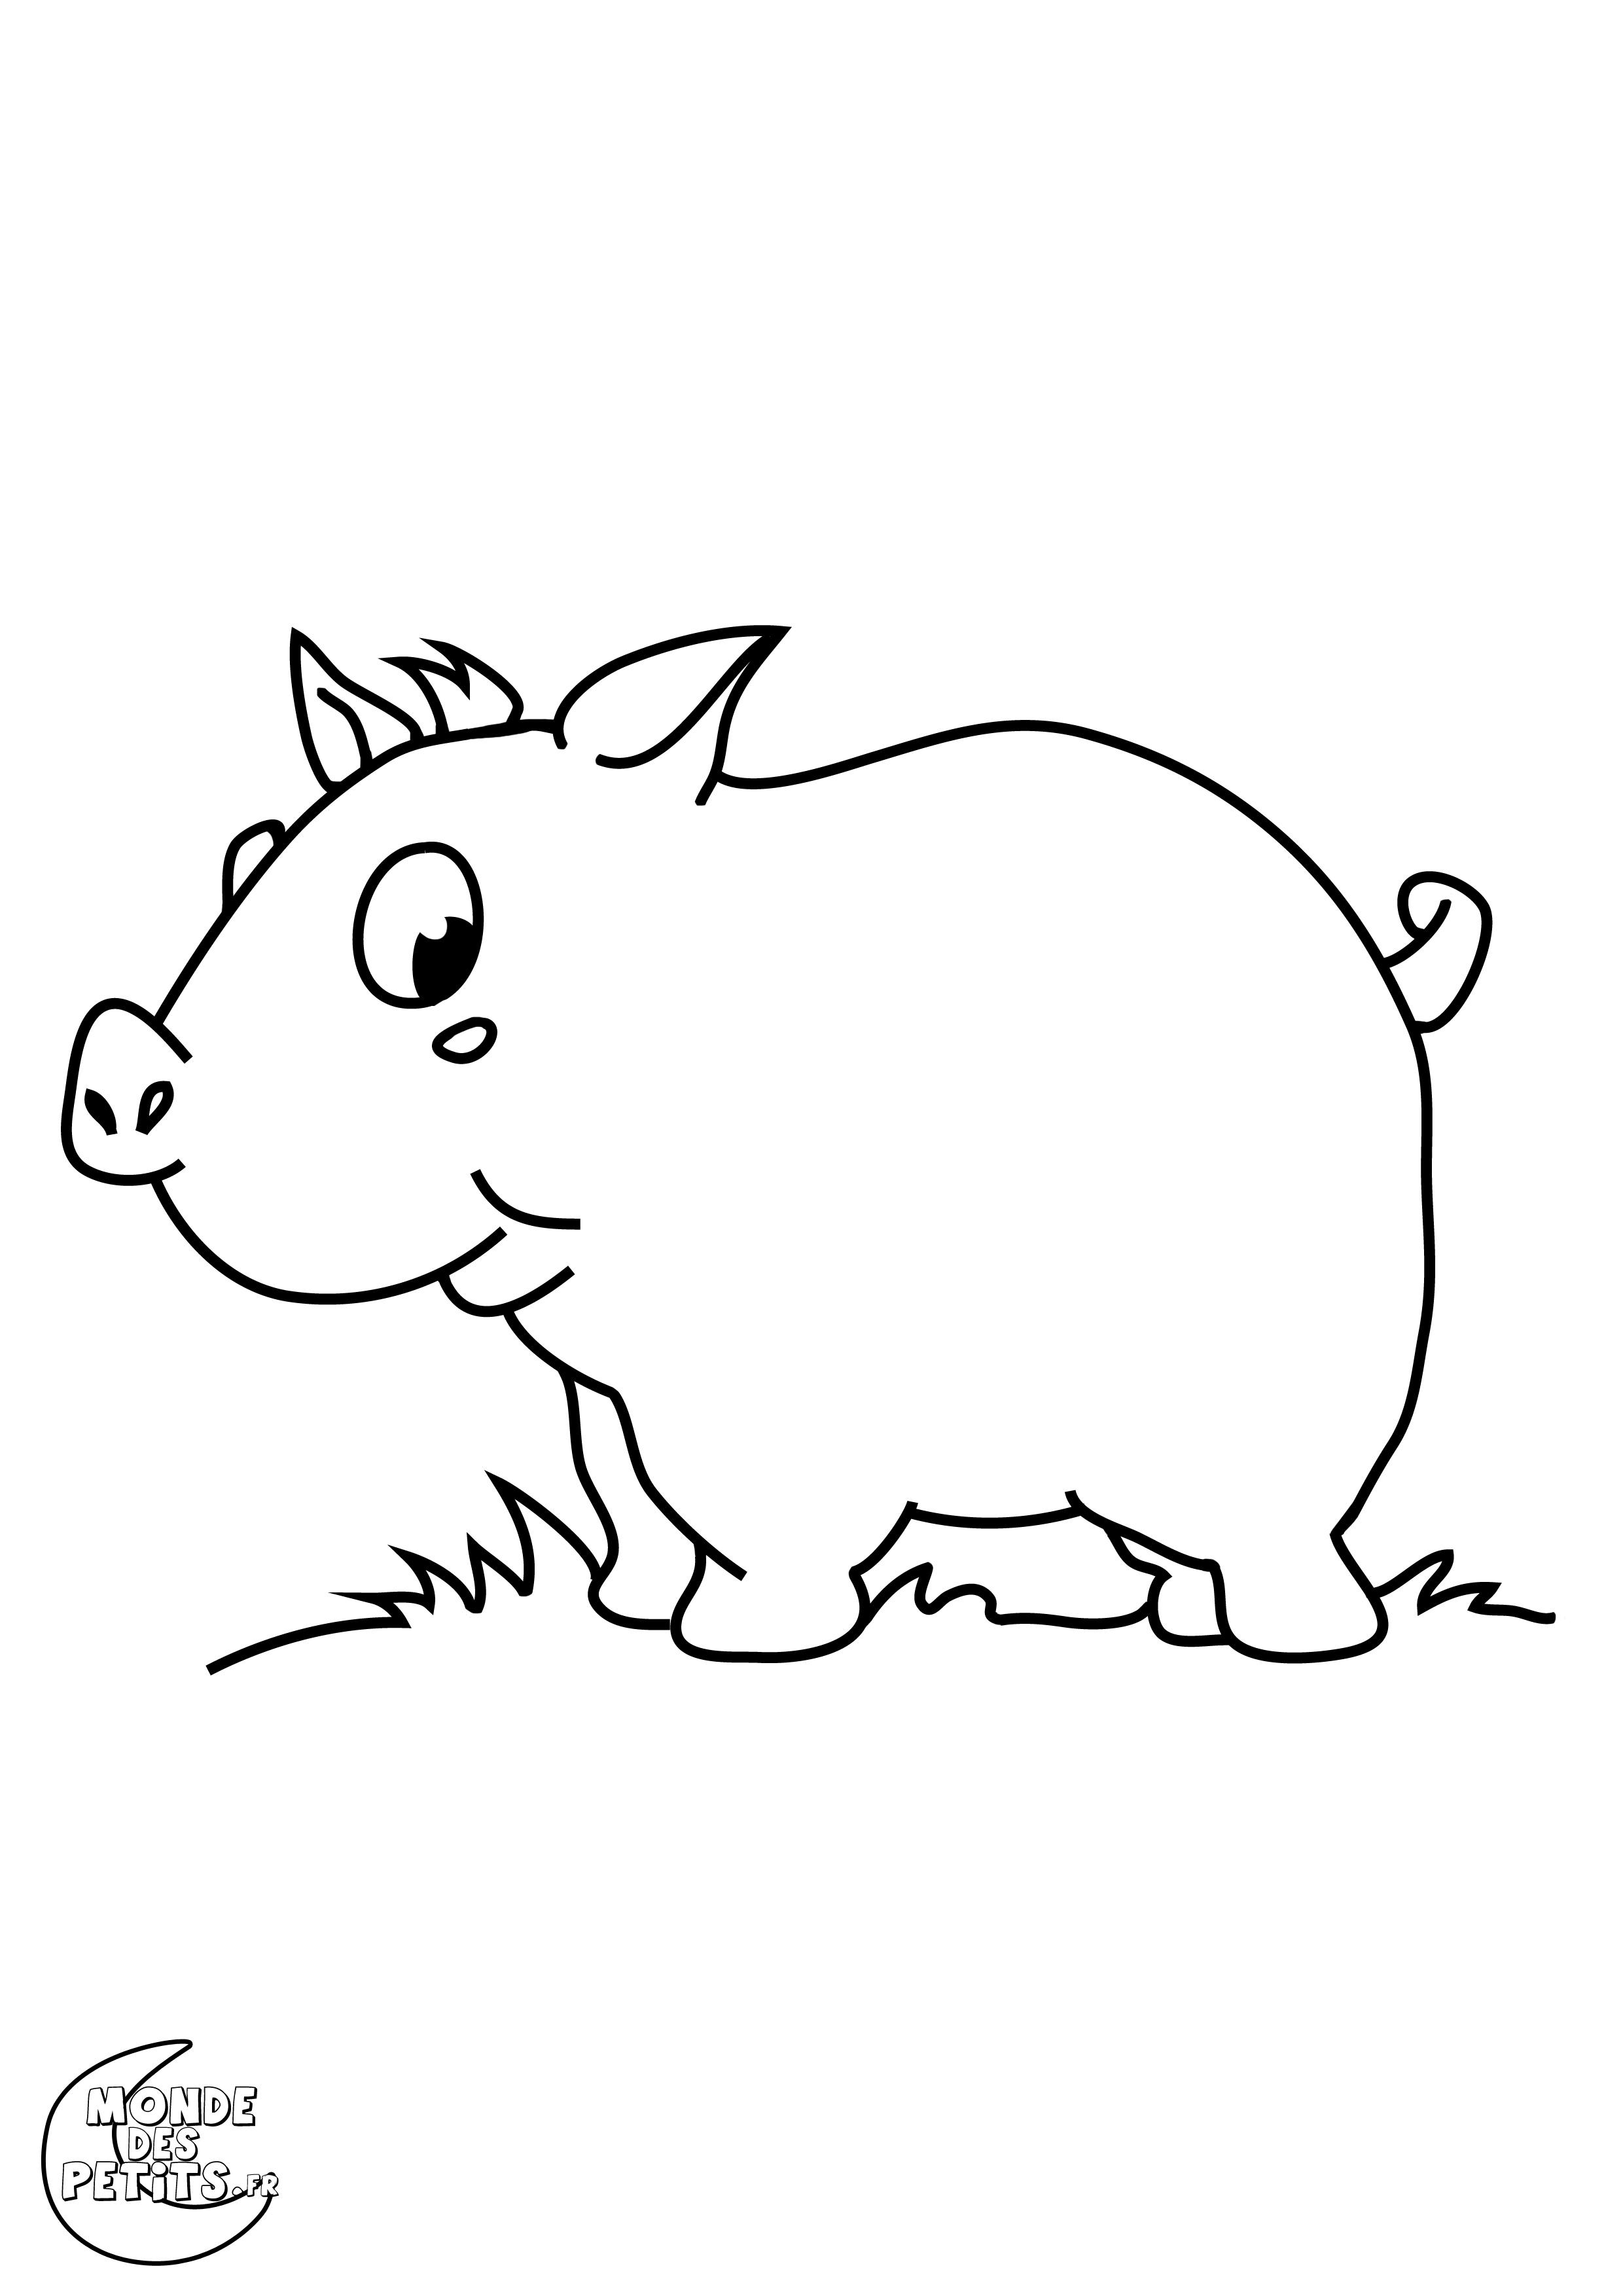 Coloriage Ferme Cochon.Monde Des Petits Coloriages A Imprimer